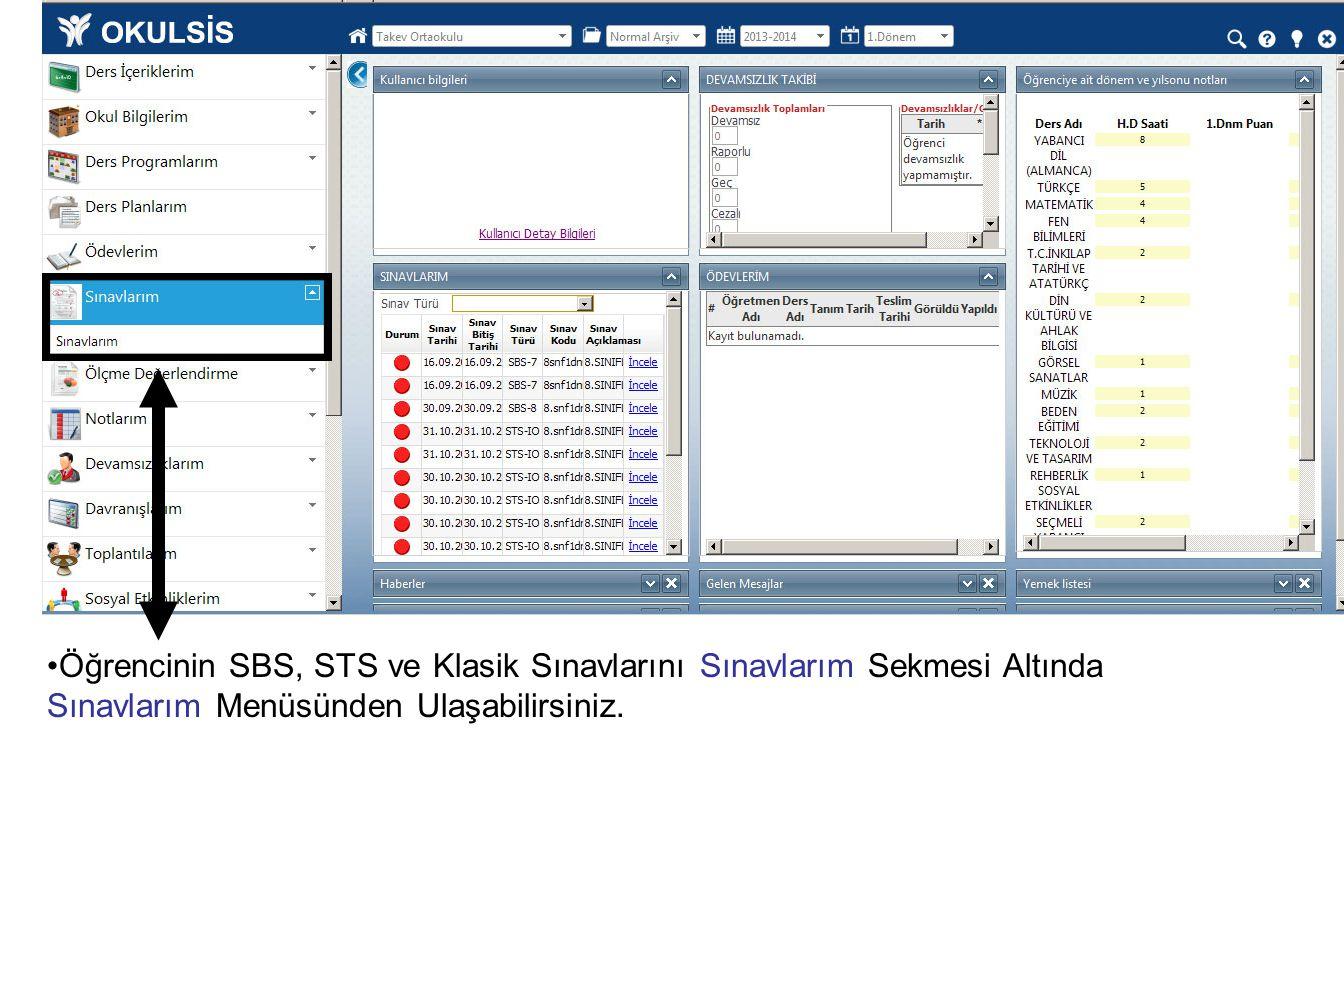 Öğrencinin SBS, STS ve Klasik Sınavlarını Sınavlarım Sekmesi Altında Sınavlarım Menüsünden Ulaşabilirsiniz.